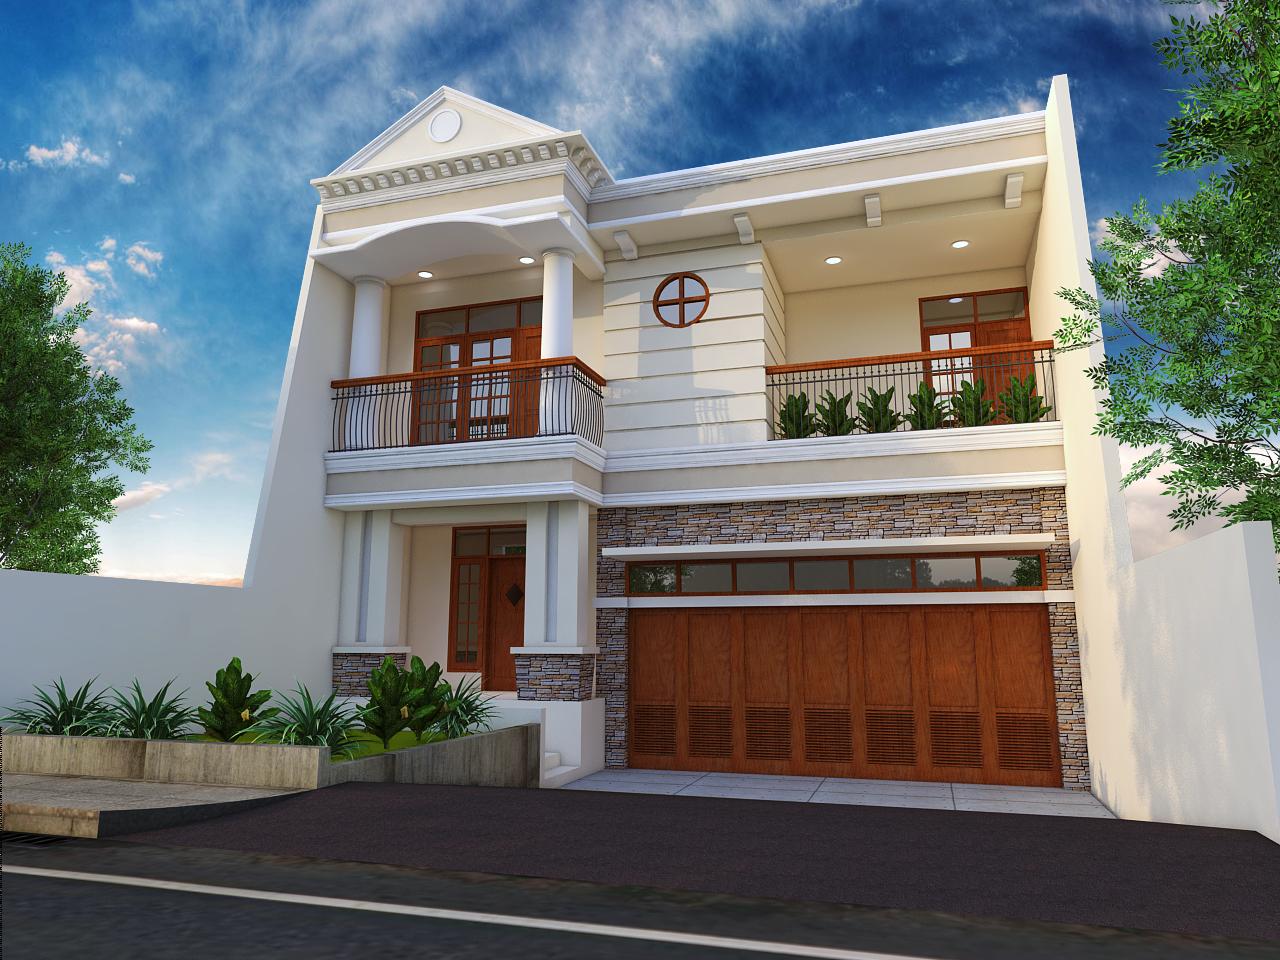 RUMAH ARSITEKTUR DAN INTERIOR DESAIN Rumah Bergaya Klasik Modern